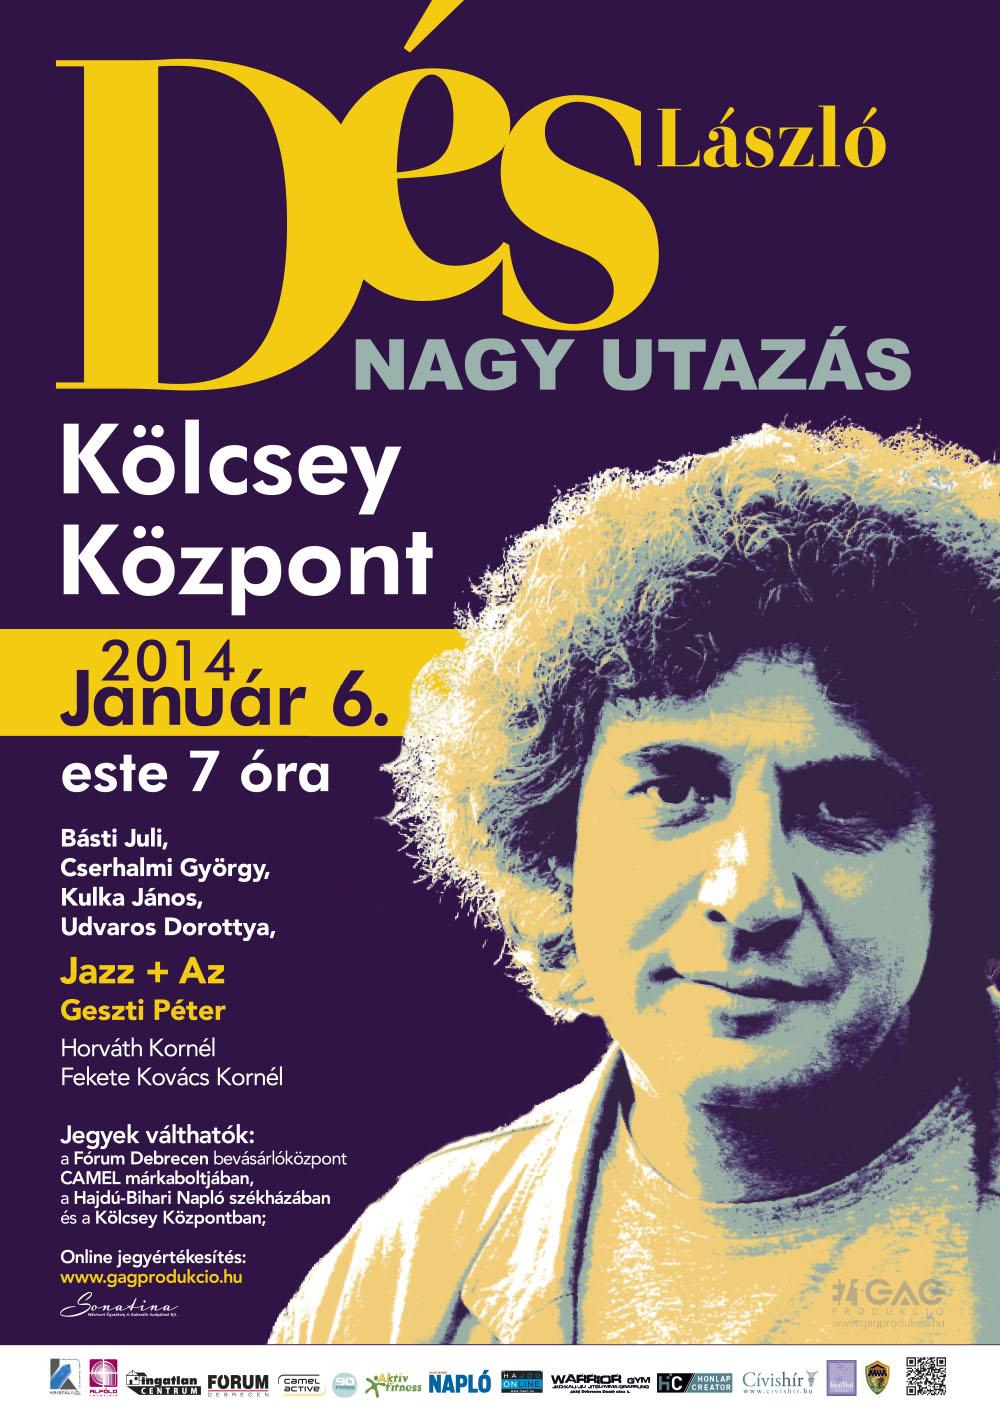 Dés László Nagy Utazás 2014 - Debrecen